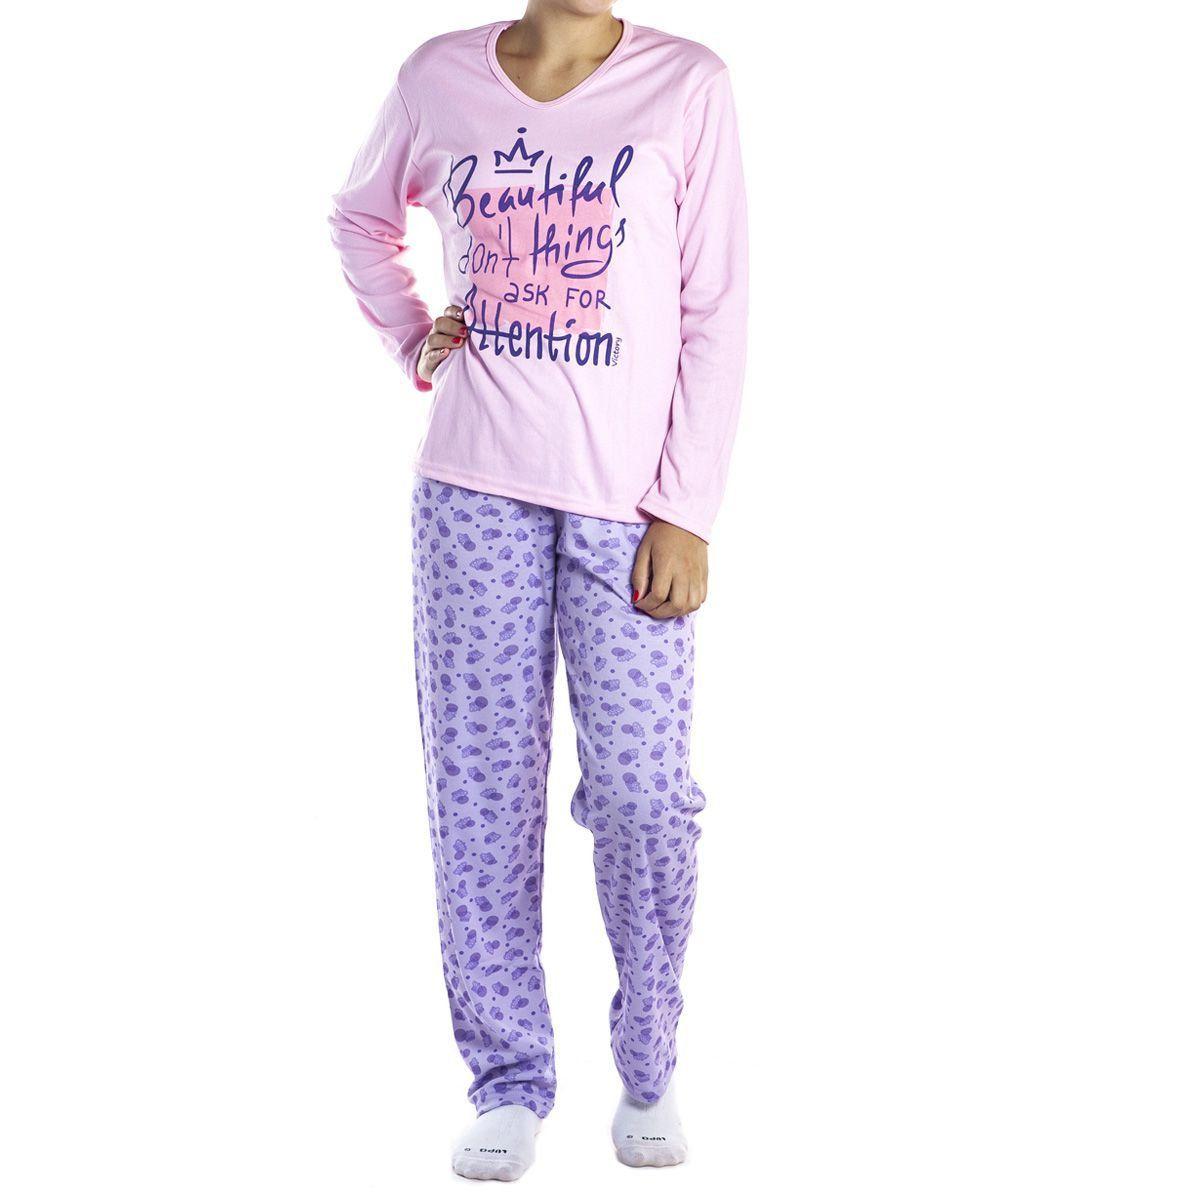 Pijama estampado de inverno feminino em tecido canelado Victory